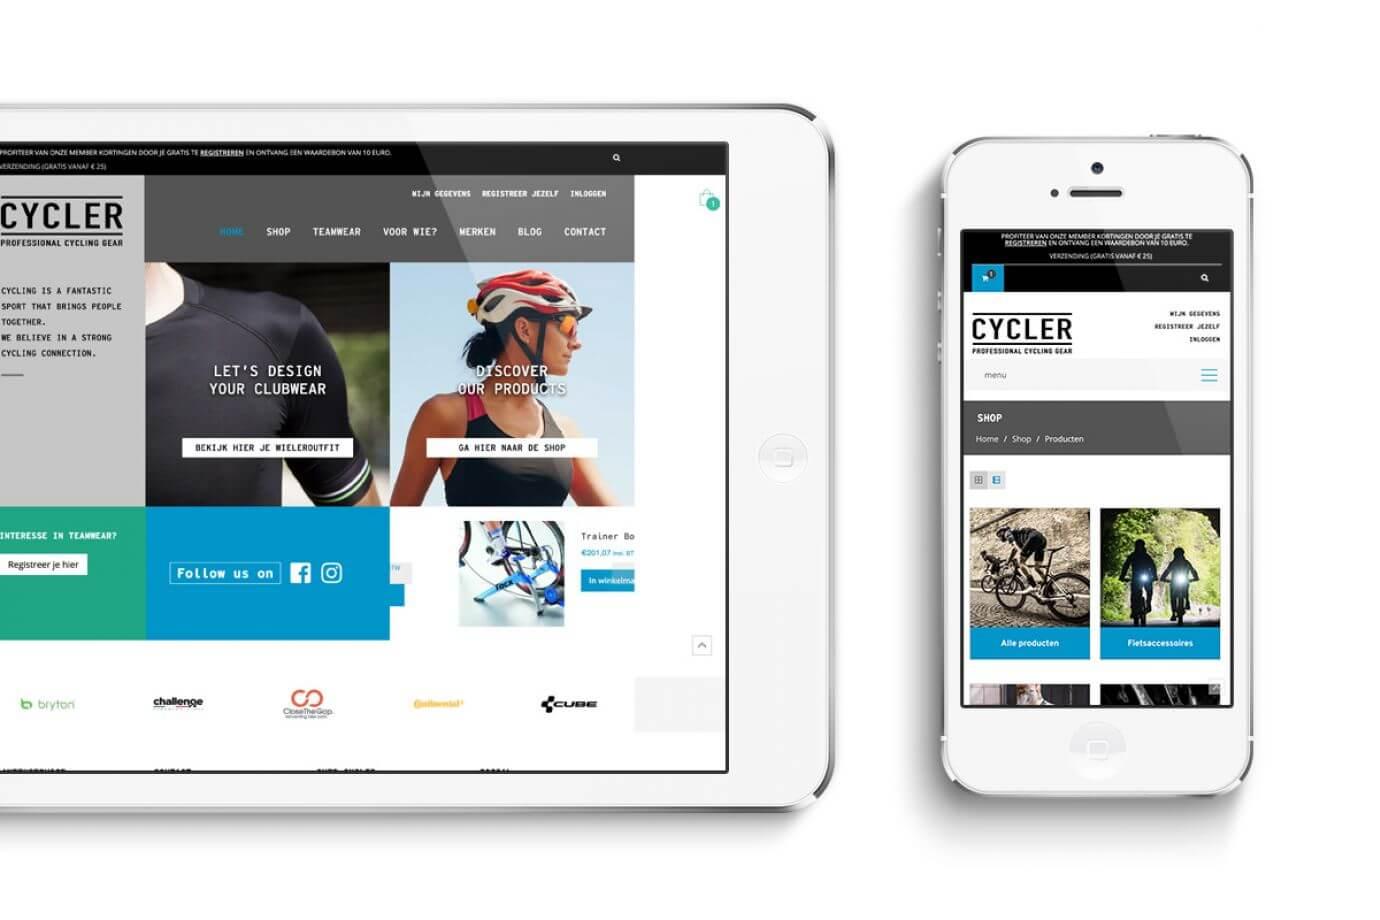 Cycler website